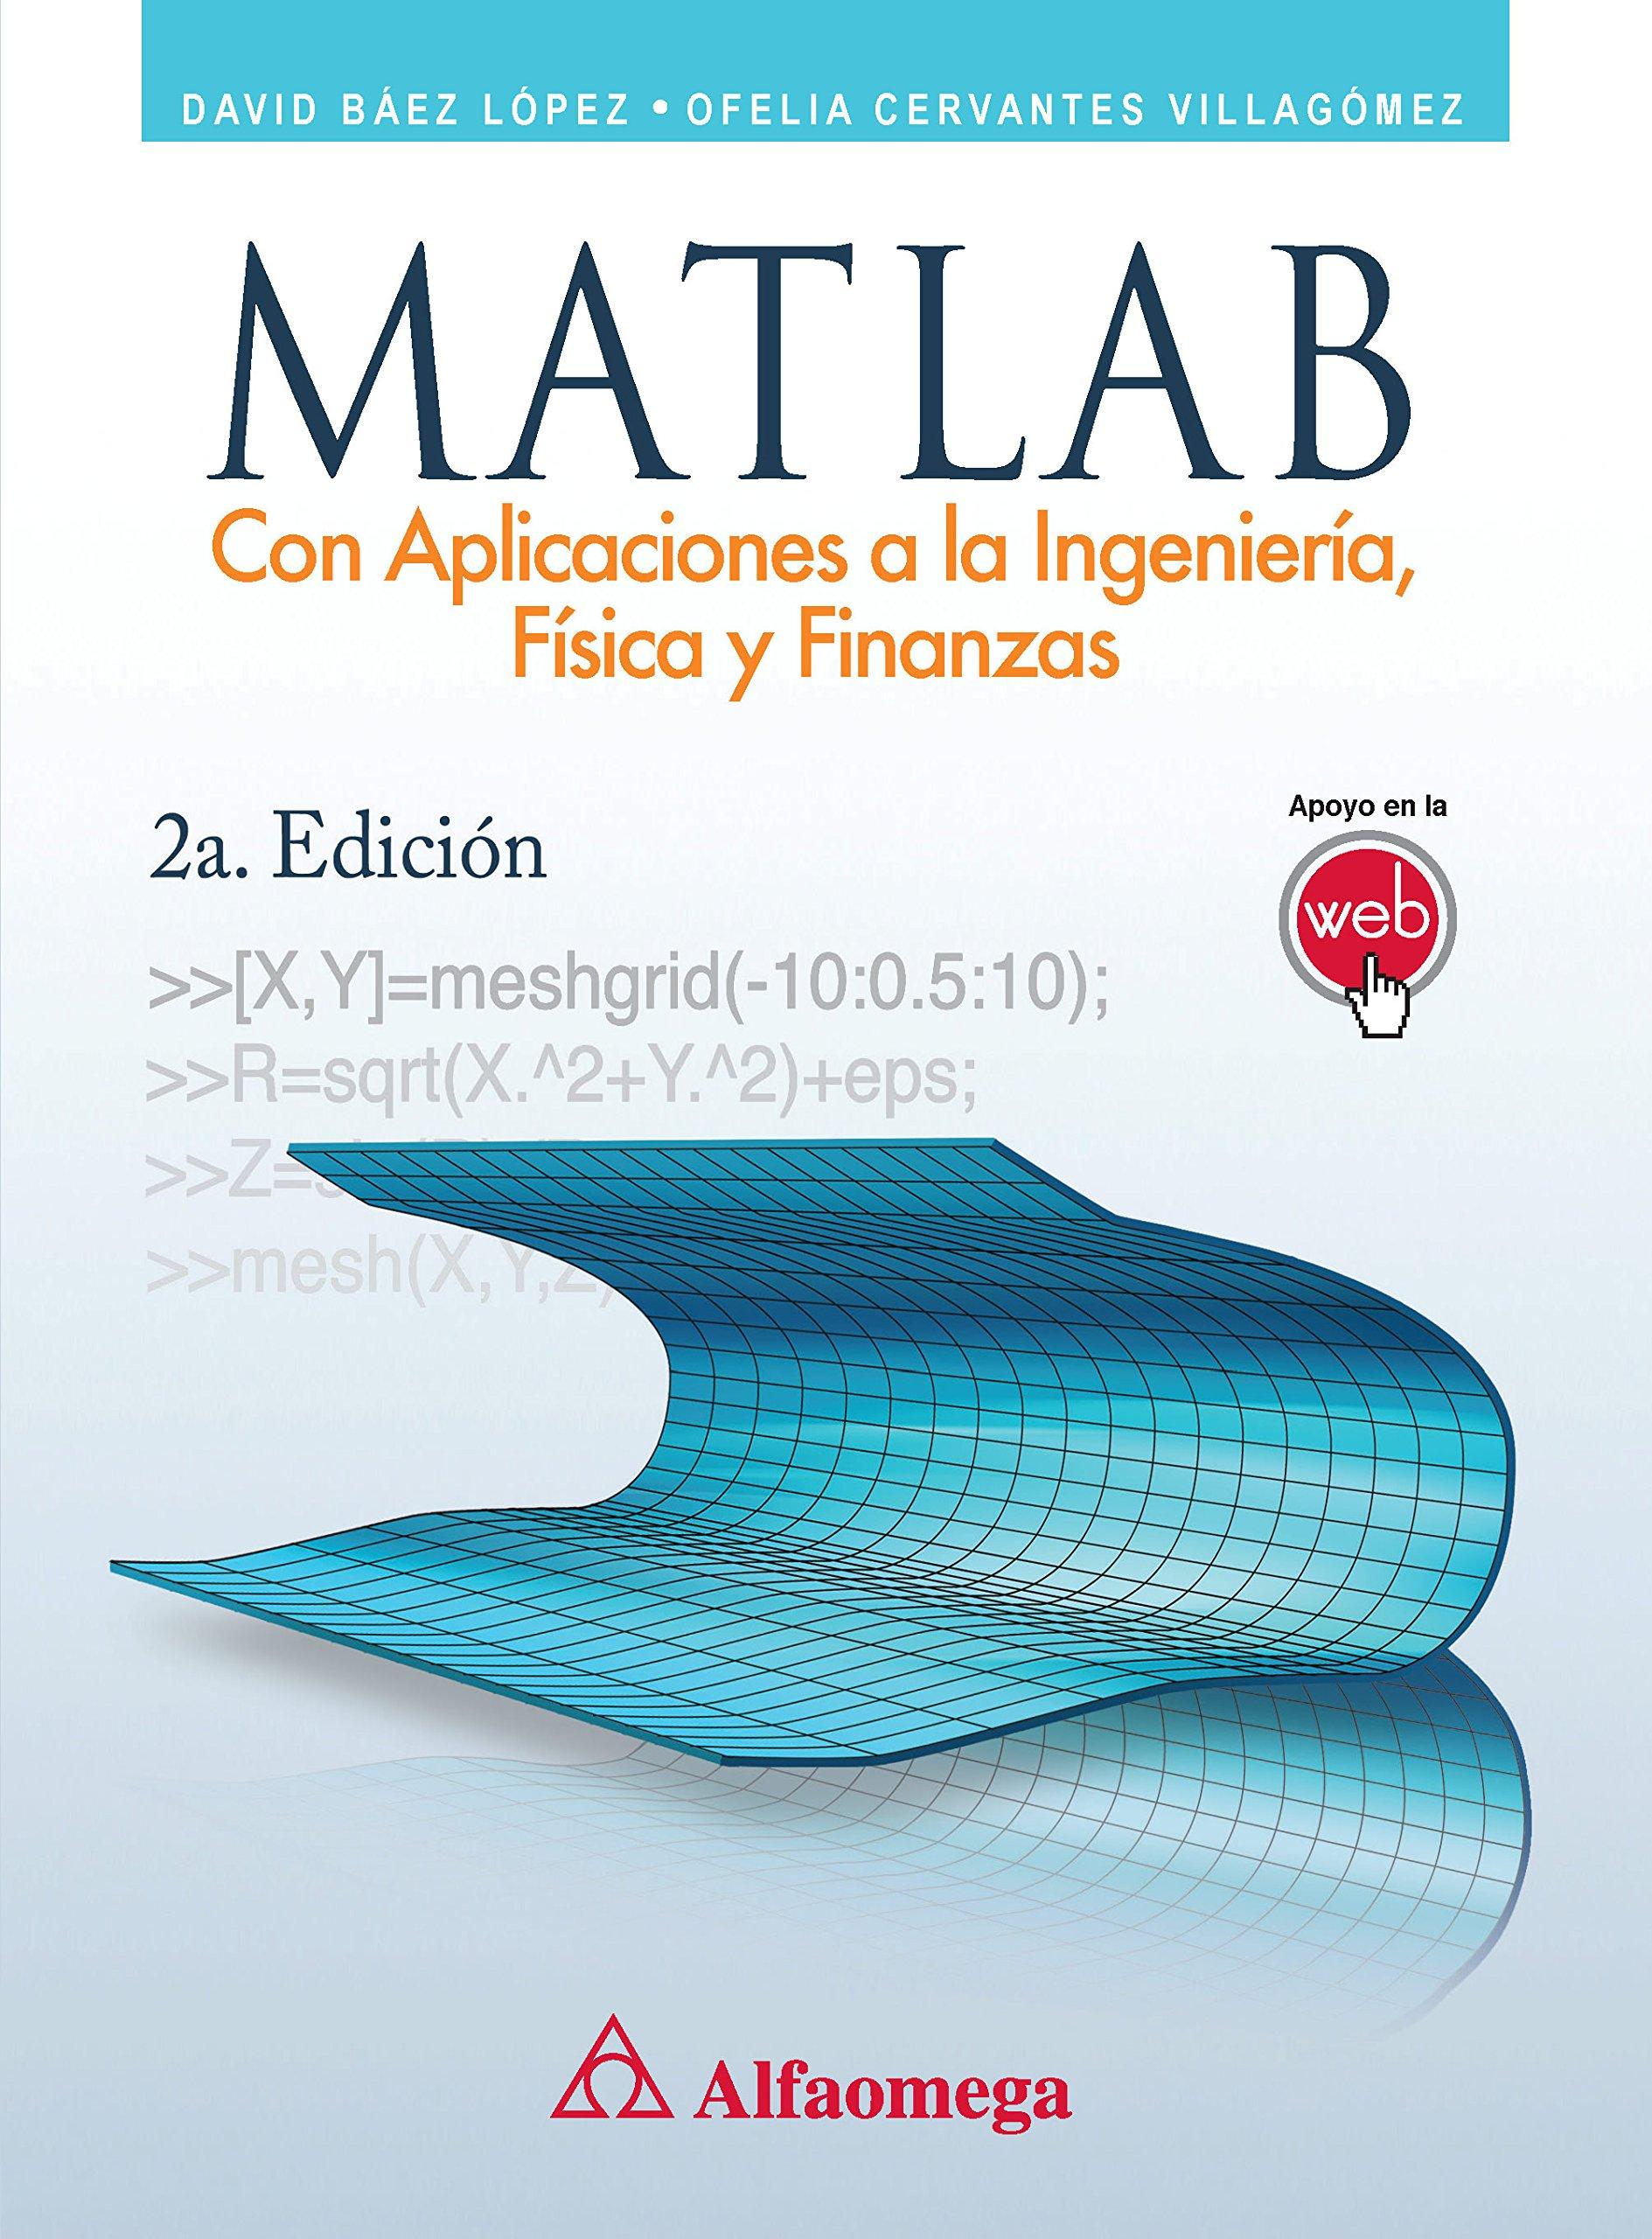 Matlab con aplicaciones a la ingenieria fisica y finanzas 2 ed david baez lopez amazon com mx libros